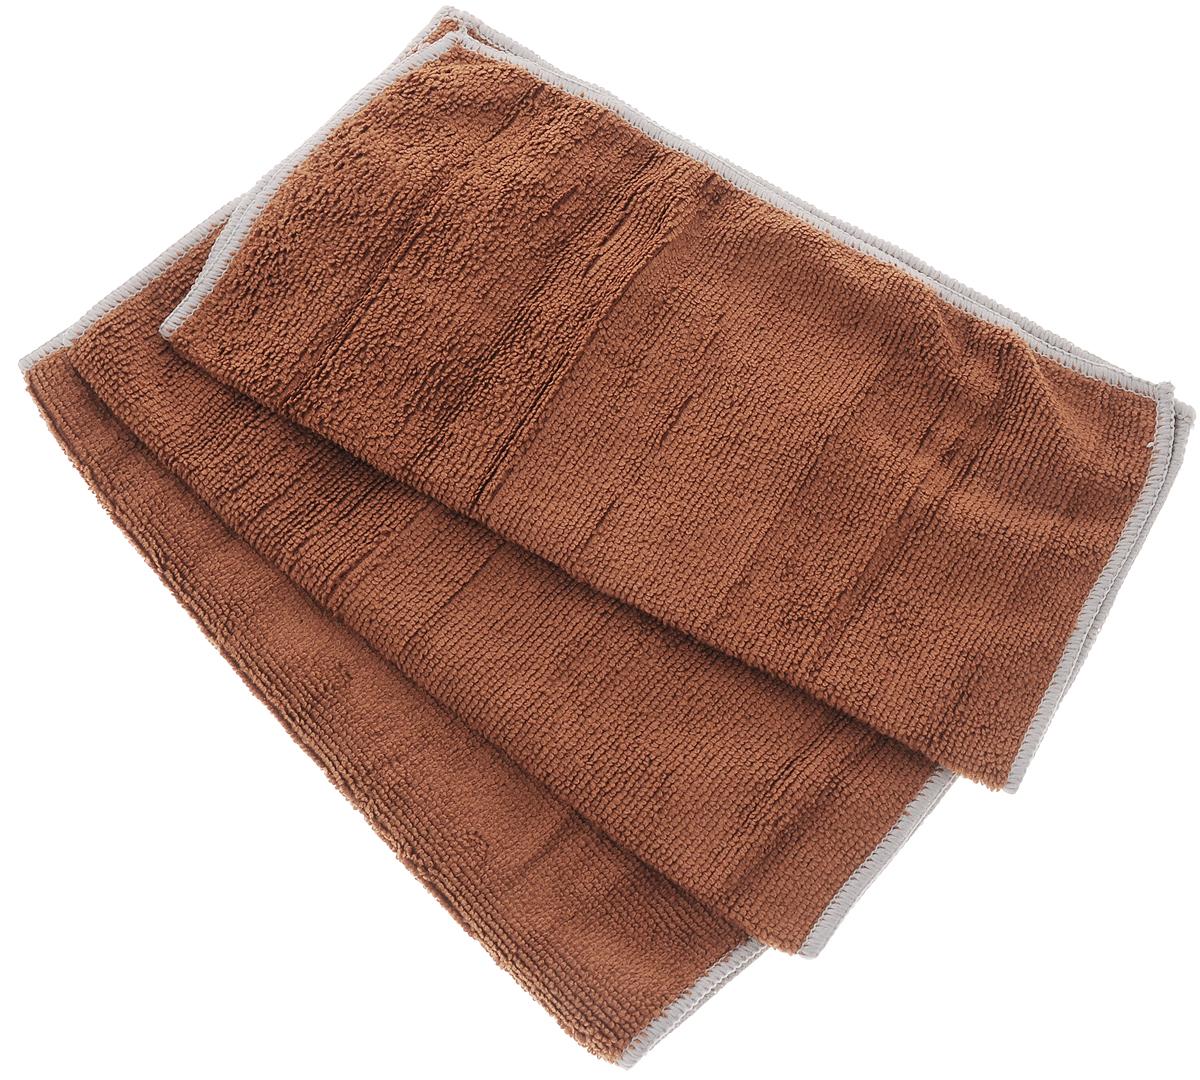 Набор универсальных салфеток Фэйт Вэриес, цвет: коричневый, 30 х 30 см, 3 штBH-UN0502( R)Набор Фэйт Вэриес состоит из 3 универсальных салфеток, выполненных из микрофибры. Такие салфетки не оставляют ворсинок, подходят для многократного использования, отлично впитывают влагу.Комплектация: 3 шт.Размер салфетки: 30 х 30 см.